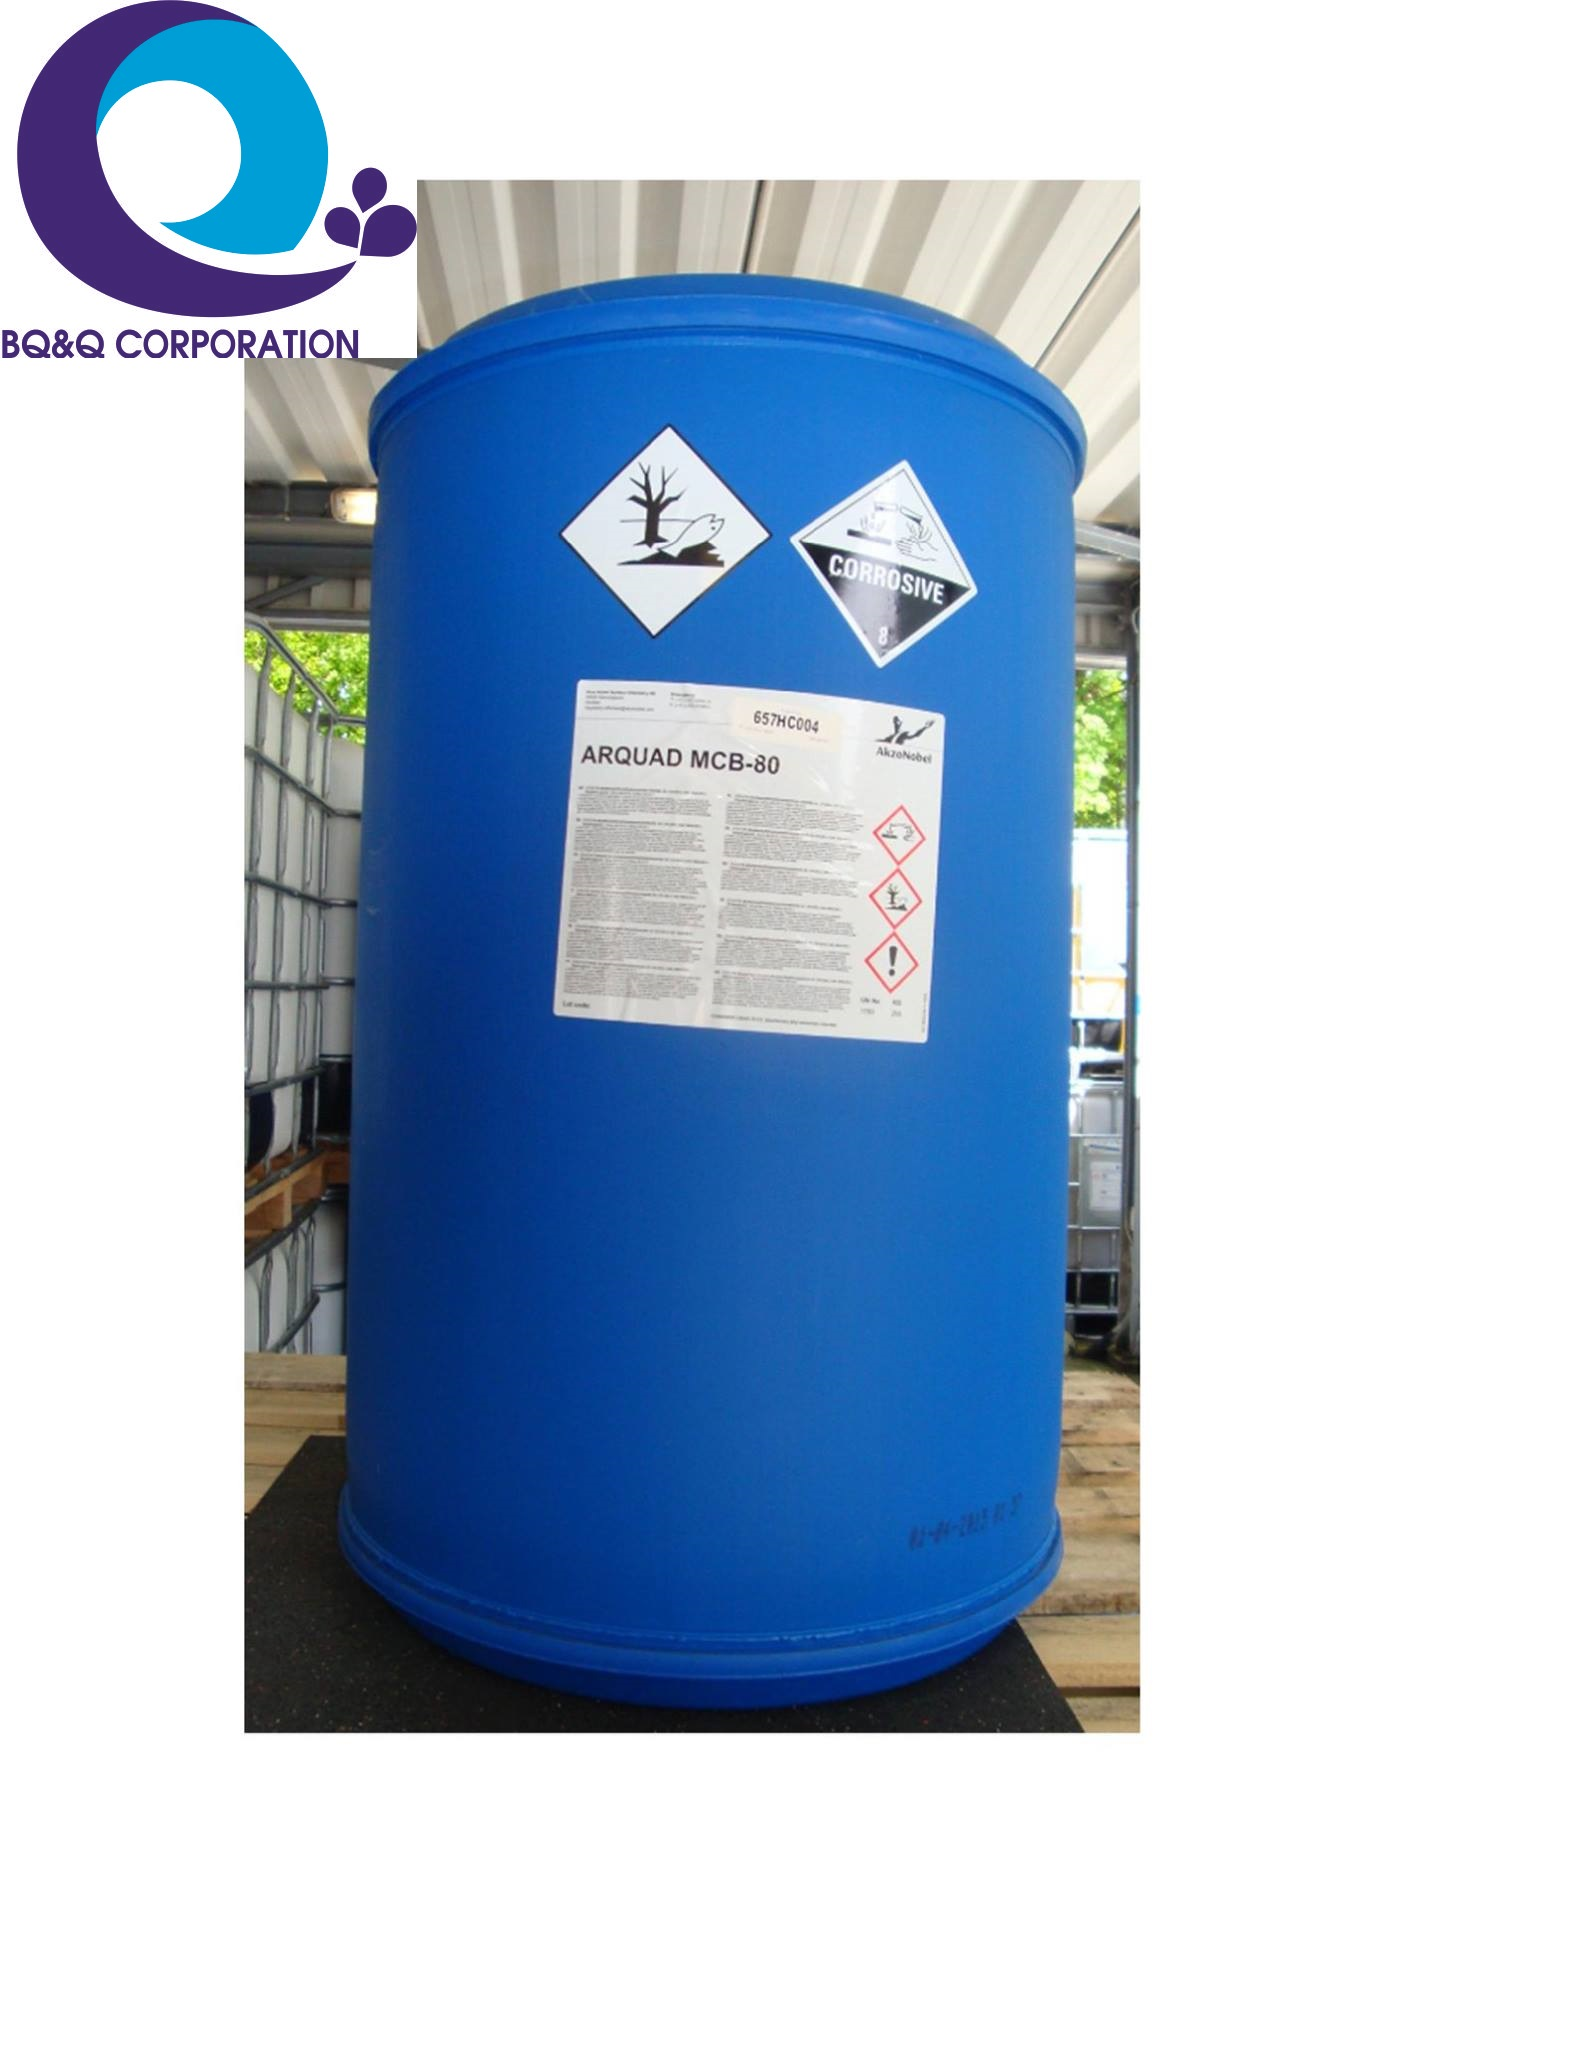 Mua bán BKC 80, chất sát trùng diệt khuẩn hiệu quả nhanh chóng, giá tốt nhất